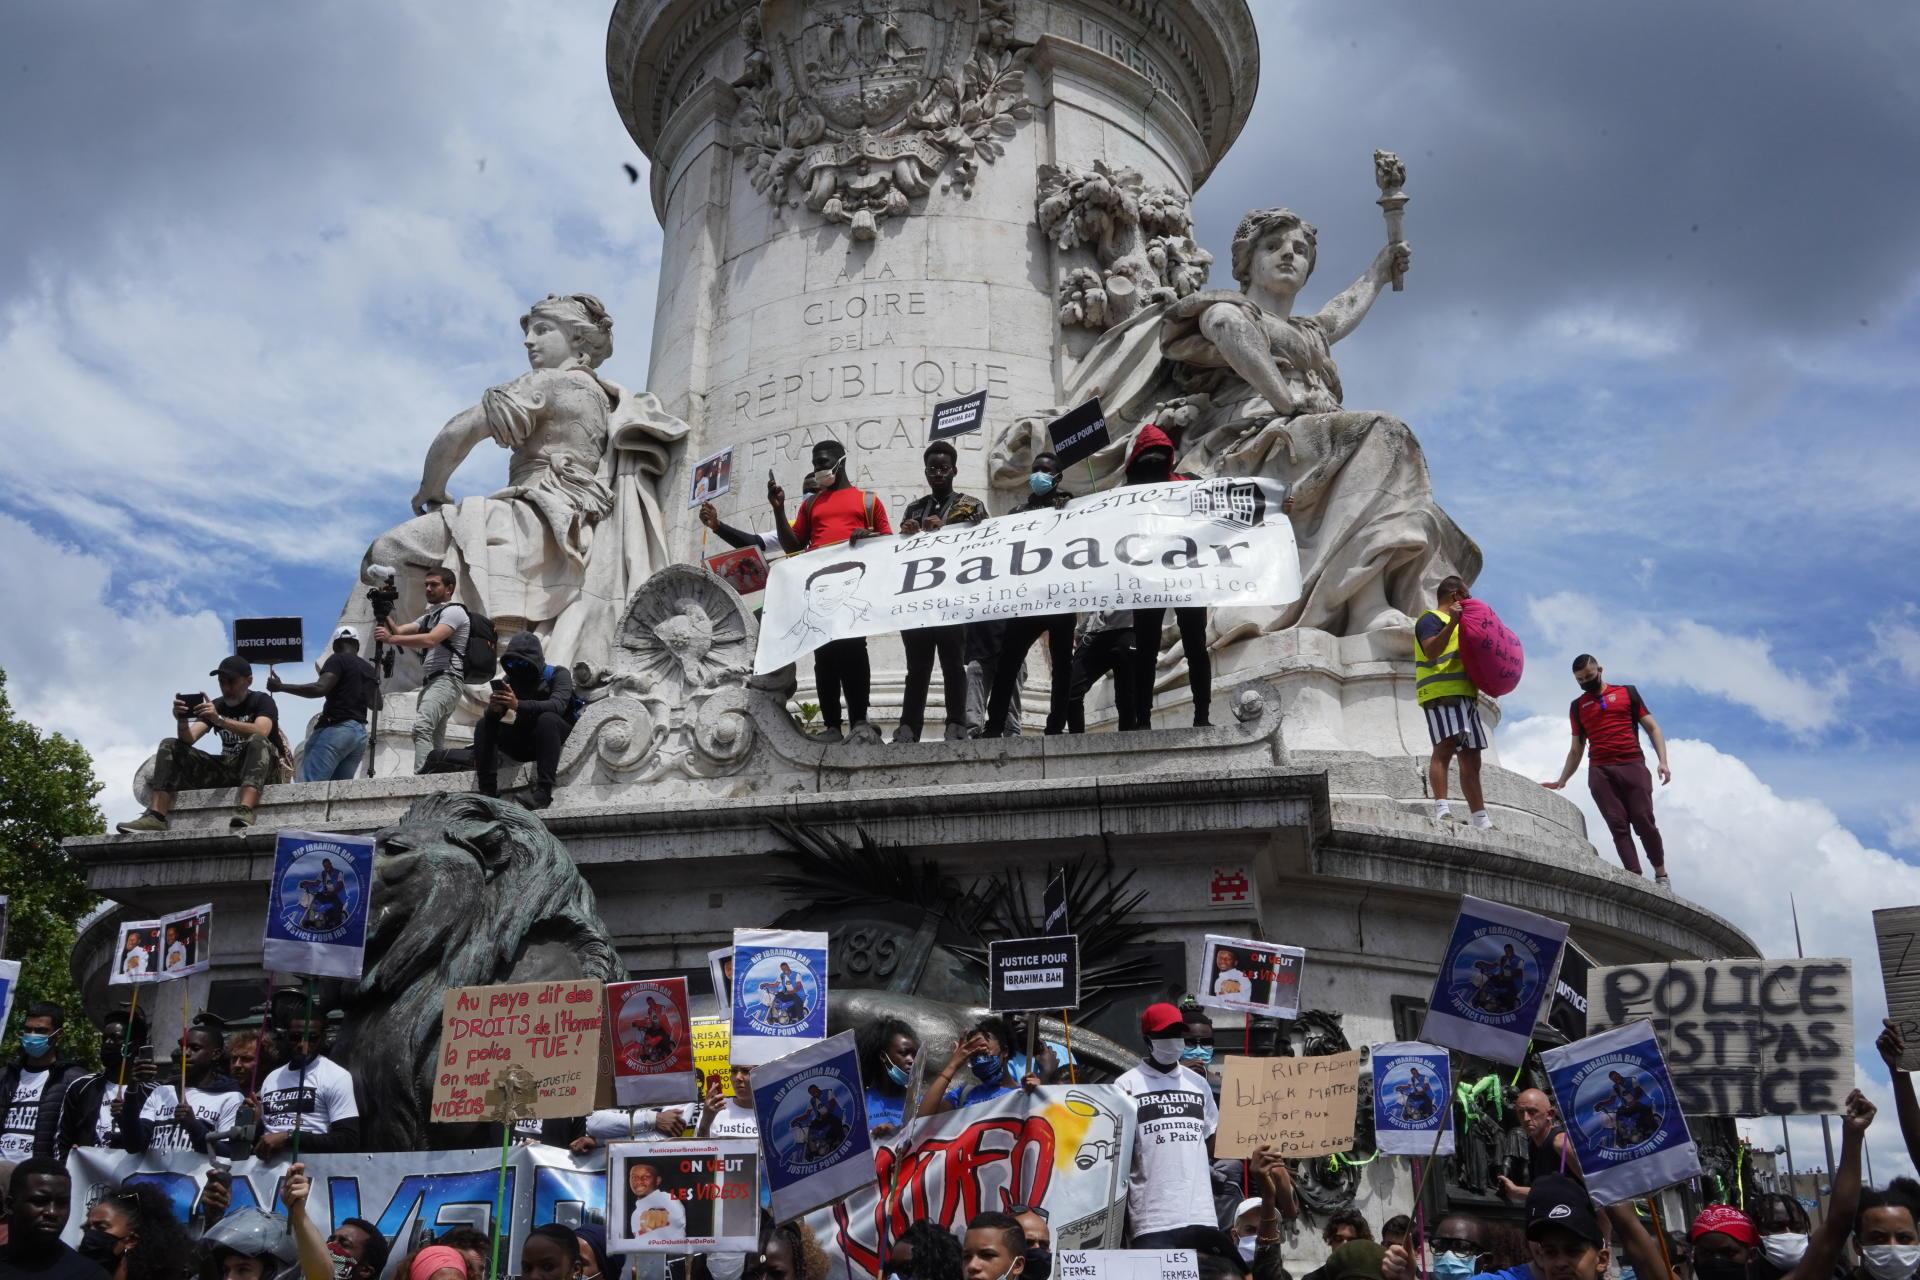 Lors de la manifestation contre les violences policières et le racisme, sur la place de la République, le 3 juin à Paris.